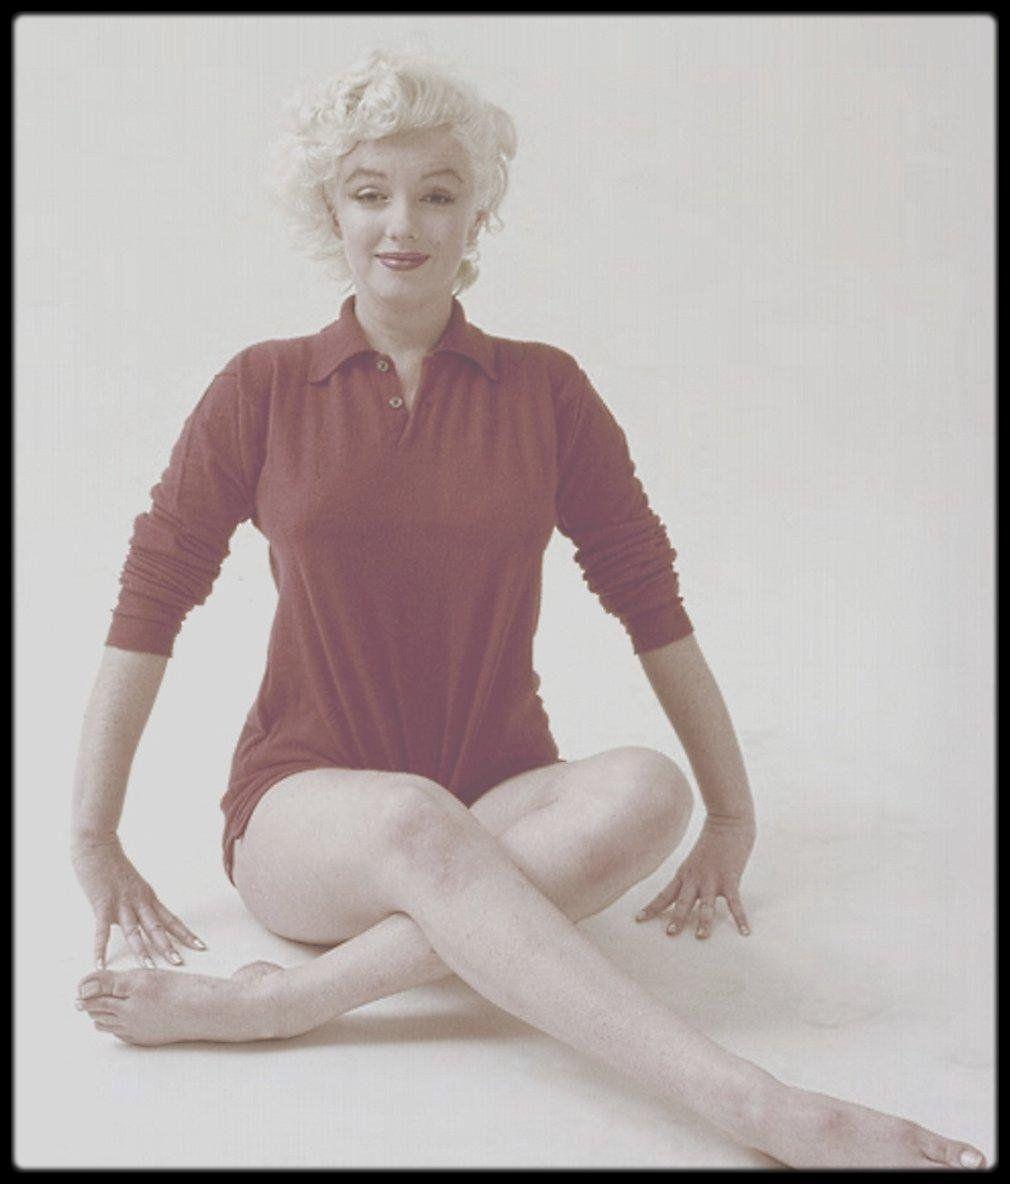 Image – 1955 / Des photos studios de Marilyn en sweat rouge sous l'objectif de Milton GREENE.